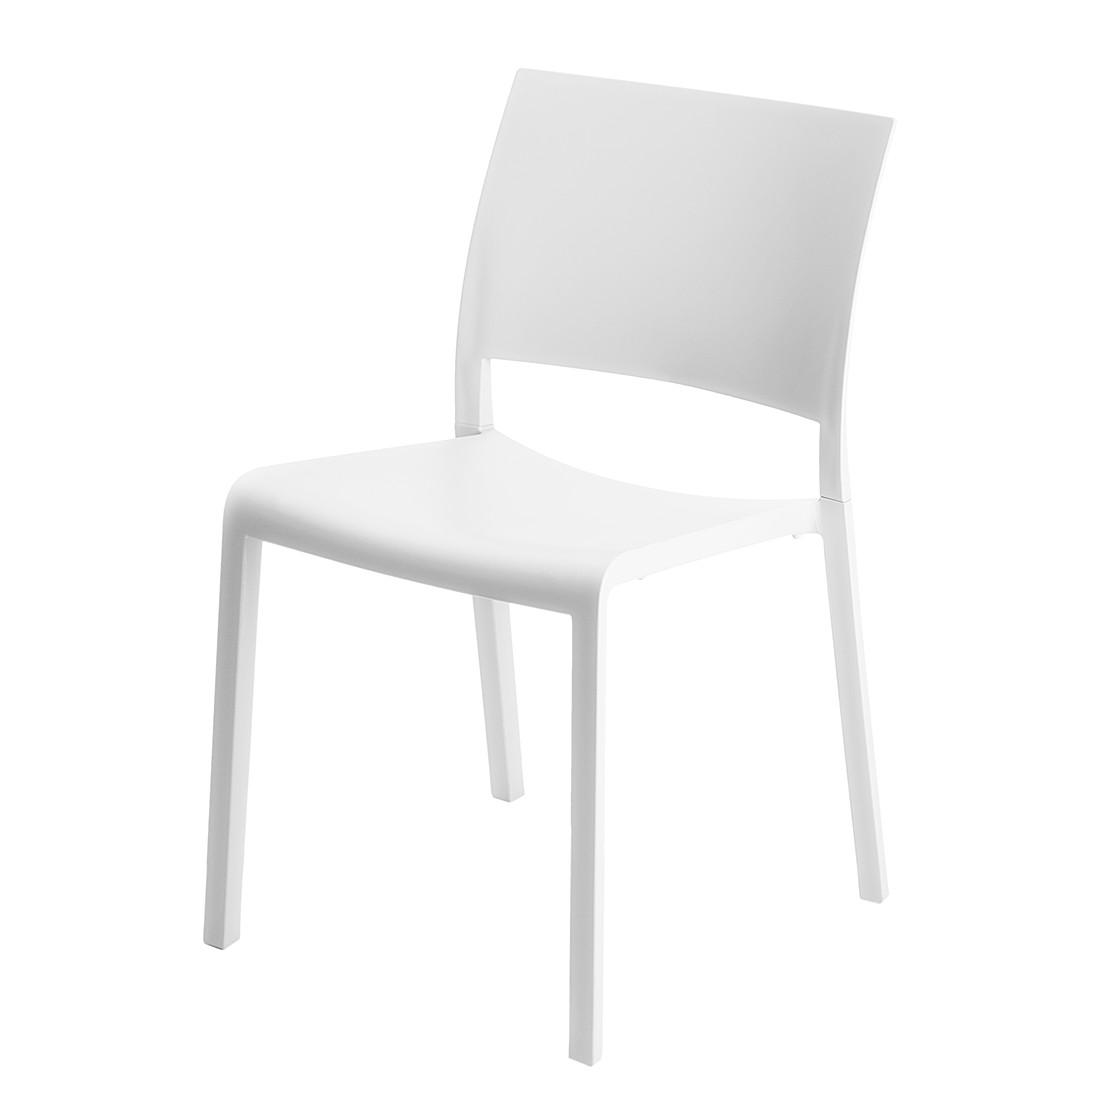 Esszimmerstuhl Fiona (2er-Set) – Kunststoff Weiß, Blanke Design jetzt bestellen